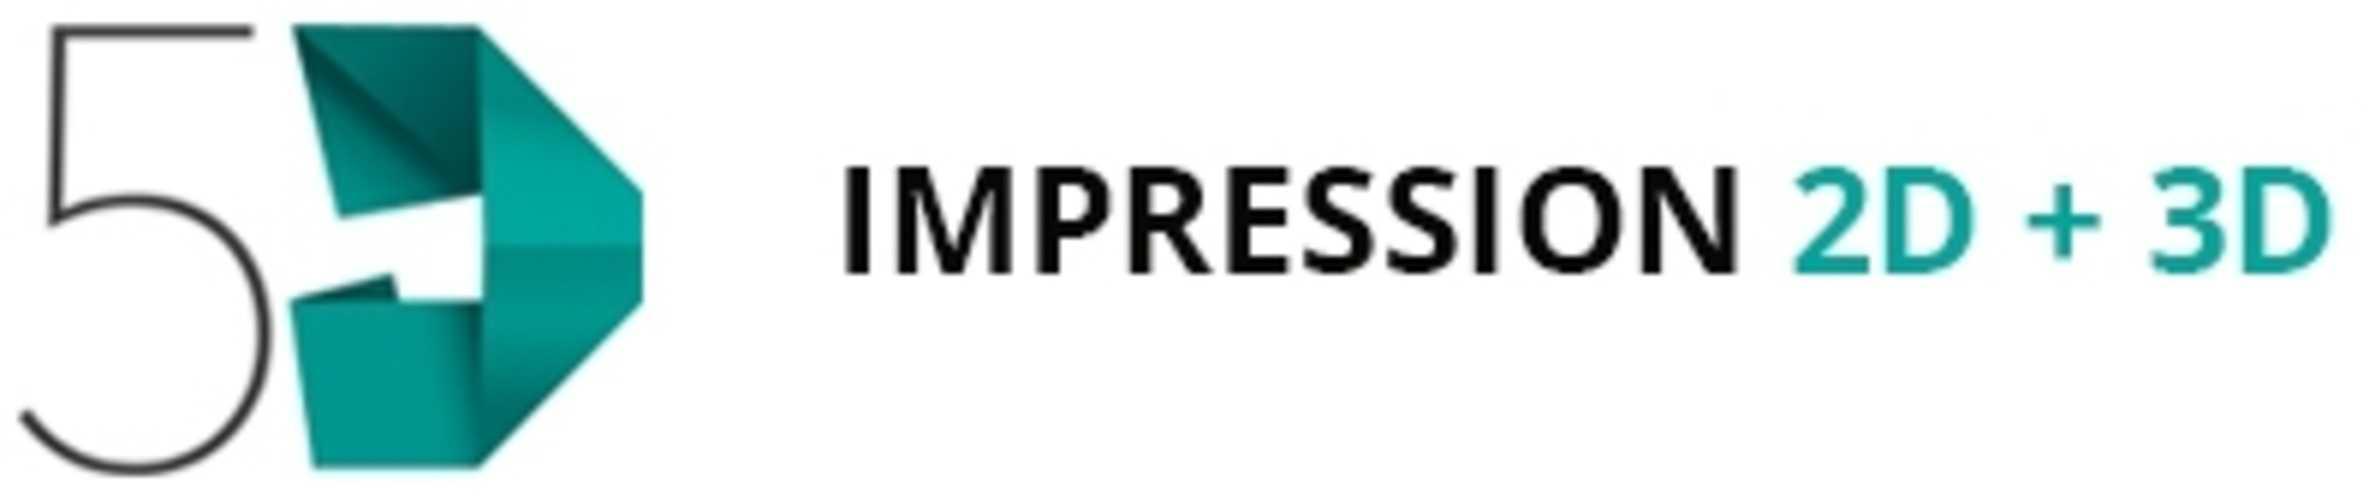 5D impression: Le partenaire impression 2D, 3D et dématérialisation! - Normandie 0